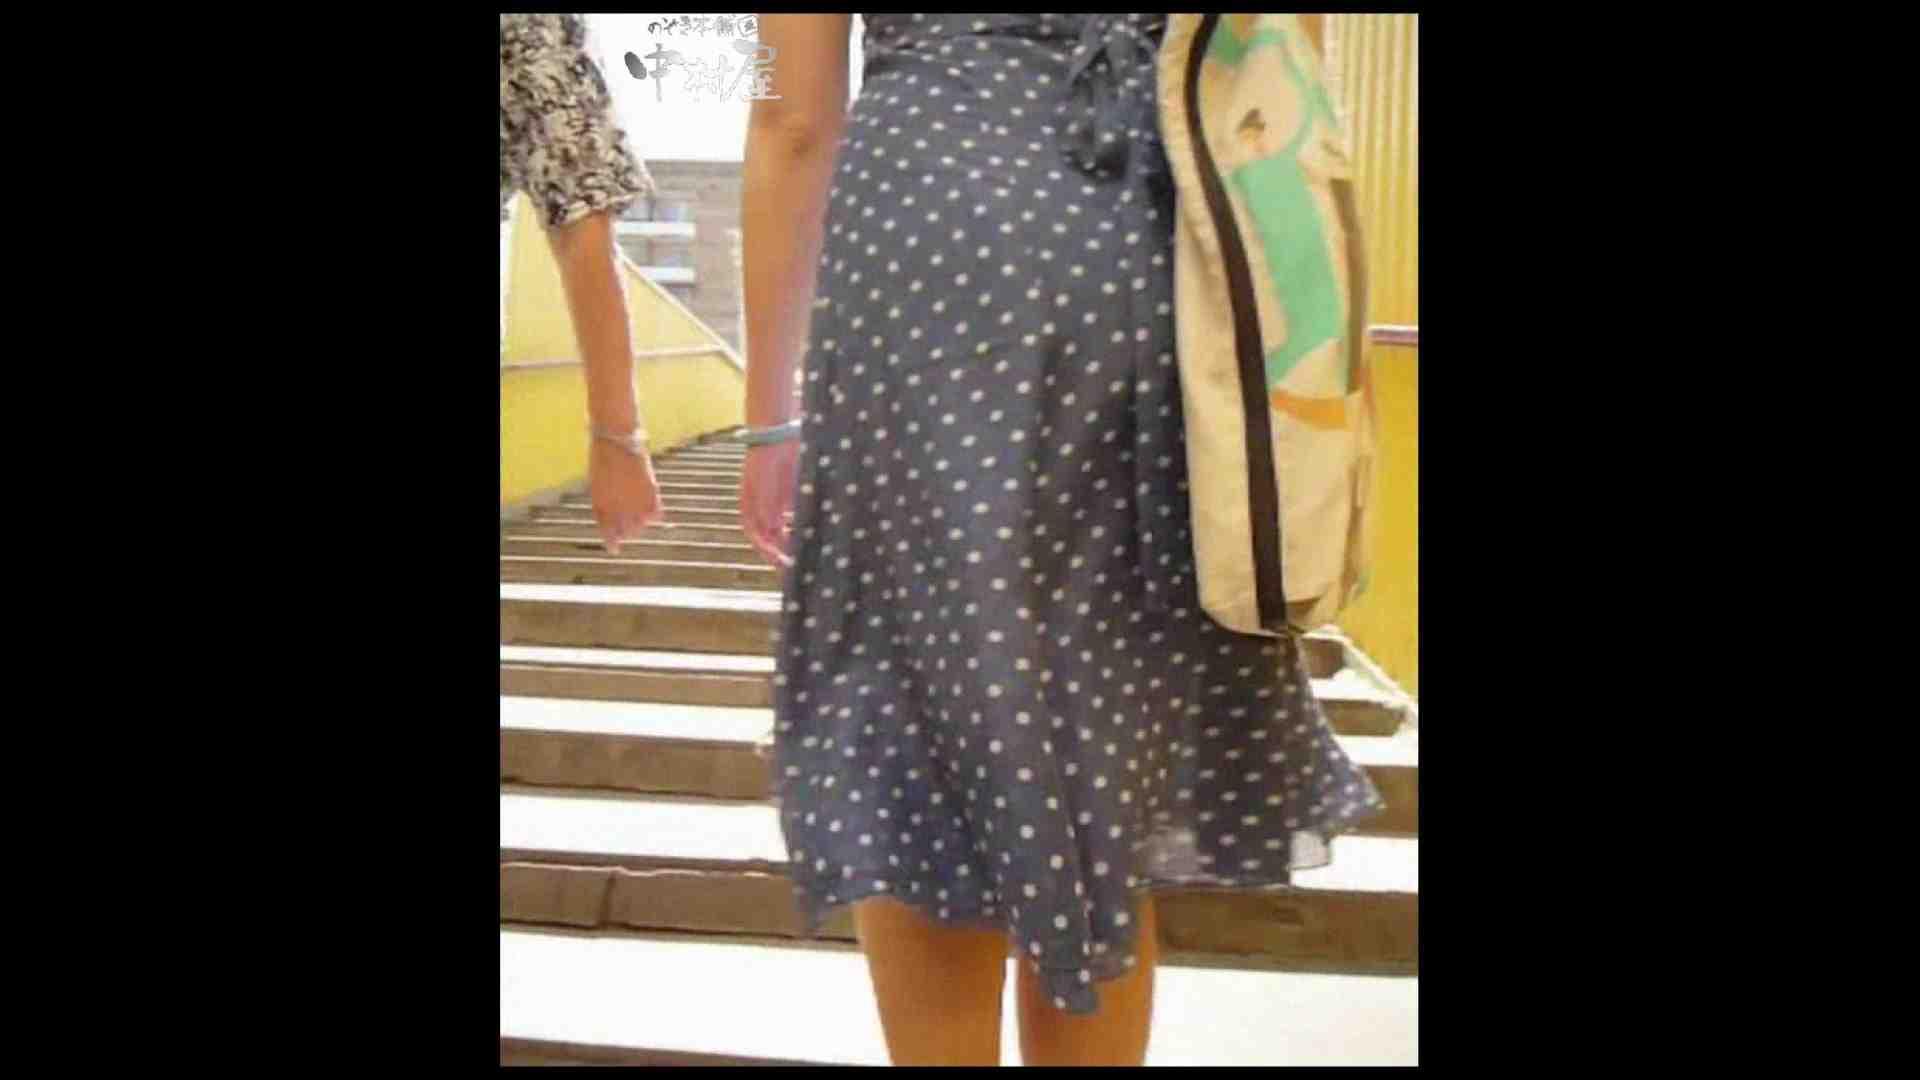 綺麗なモデルさんのスカート捲っちゃおう‼ vol29 0   0  68pic 55